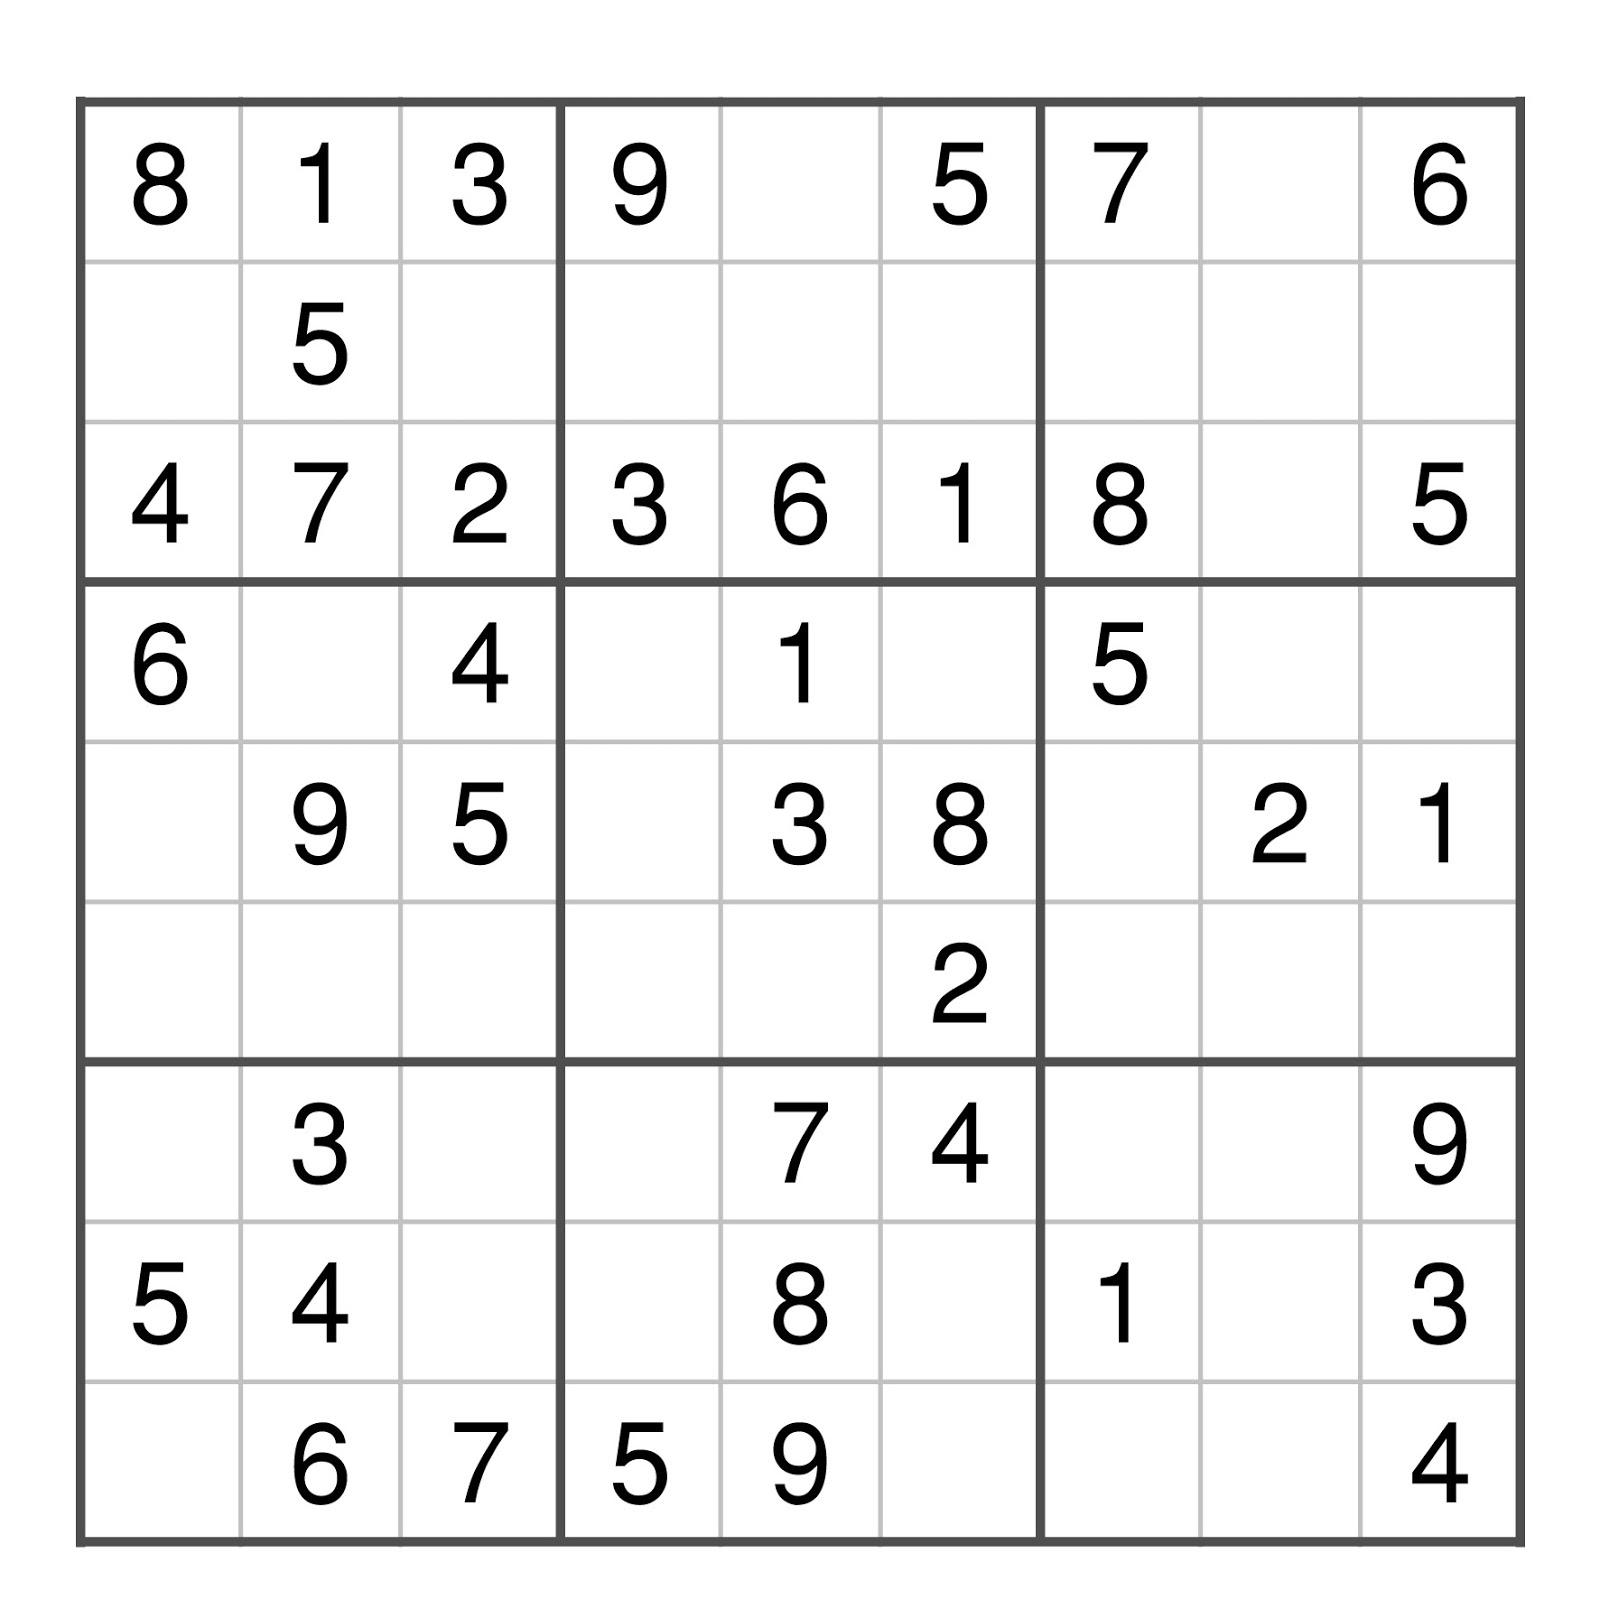 Grille de sudoku facile - Grille de sudoku diabolique ...